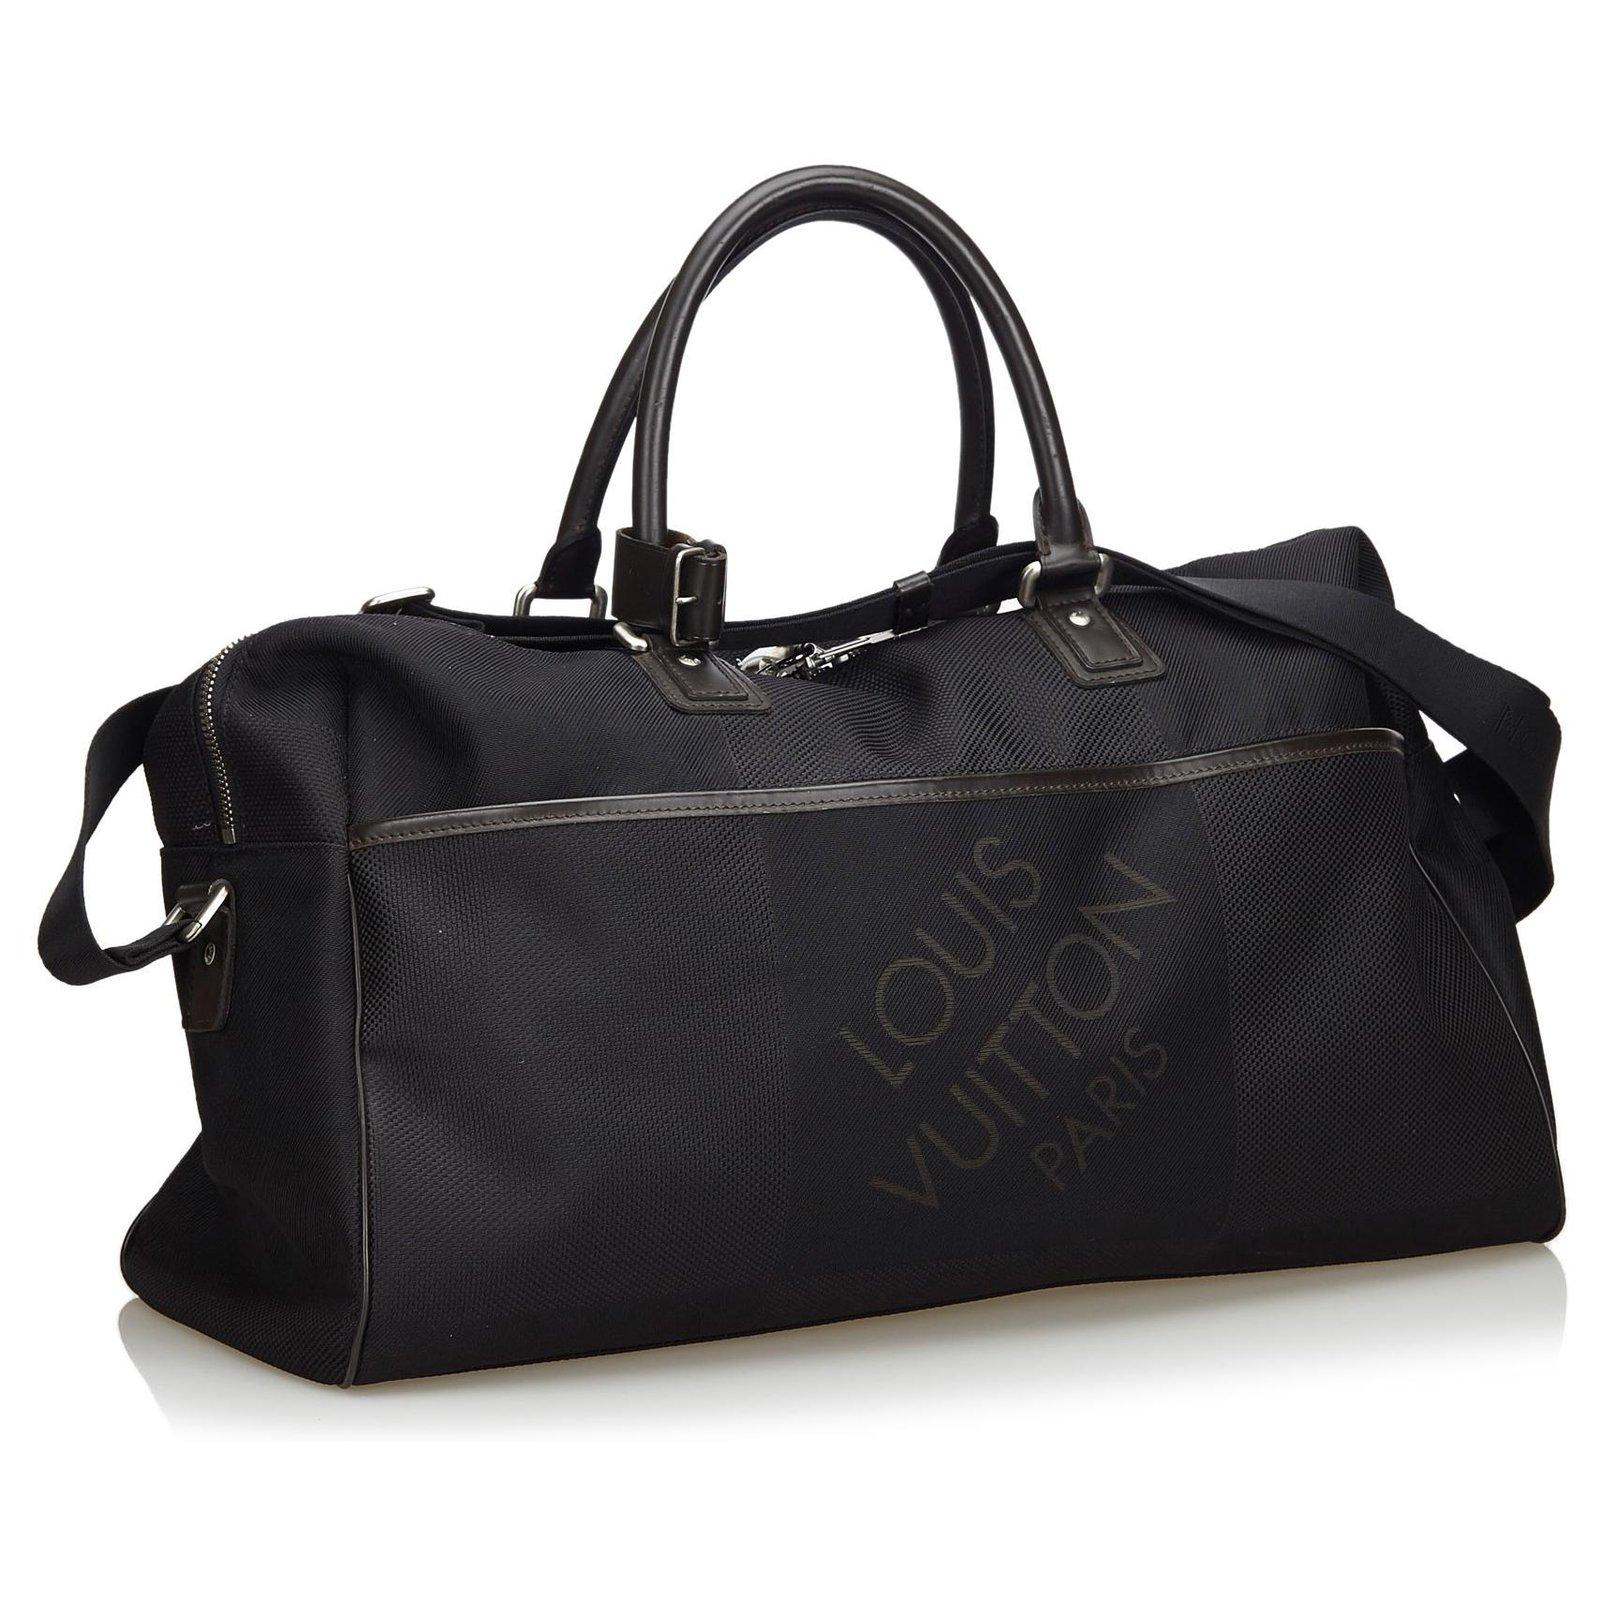 économiser 0bc19 3fc6a Louis Vuitton - Sac de sport molletonné en albatros Damier Geant noir